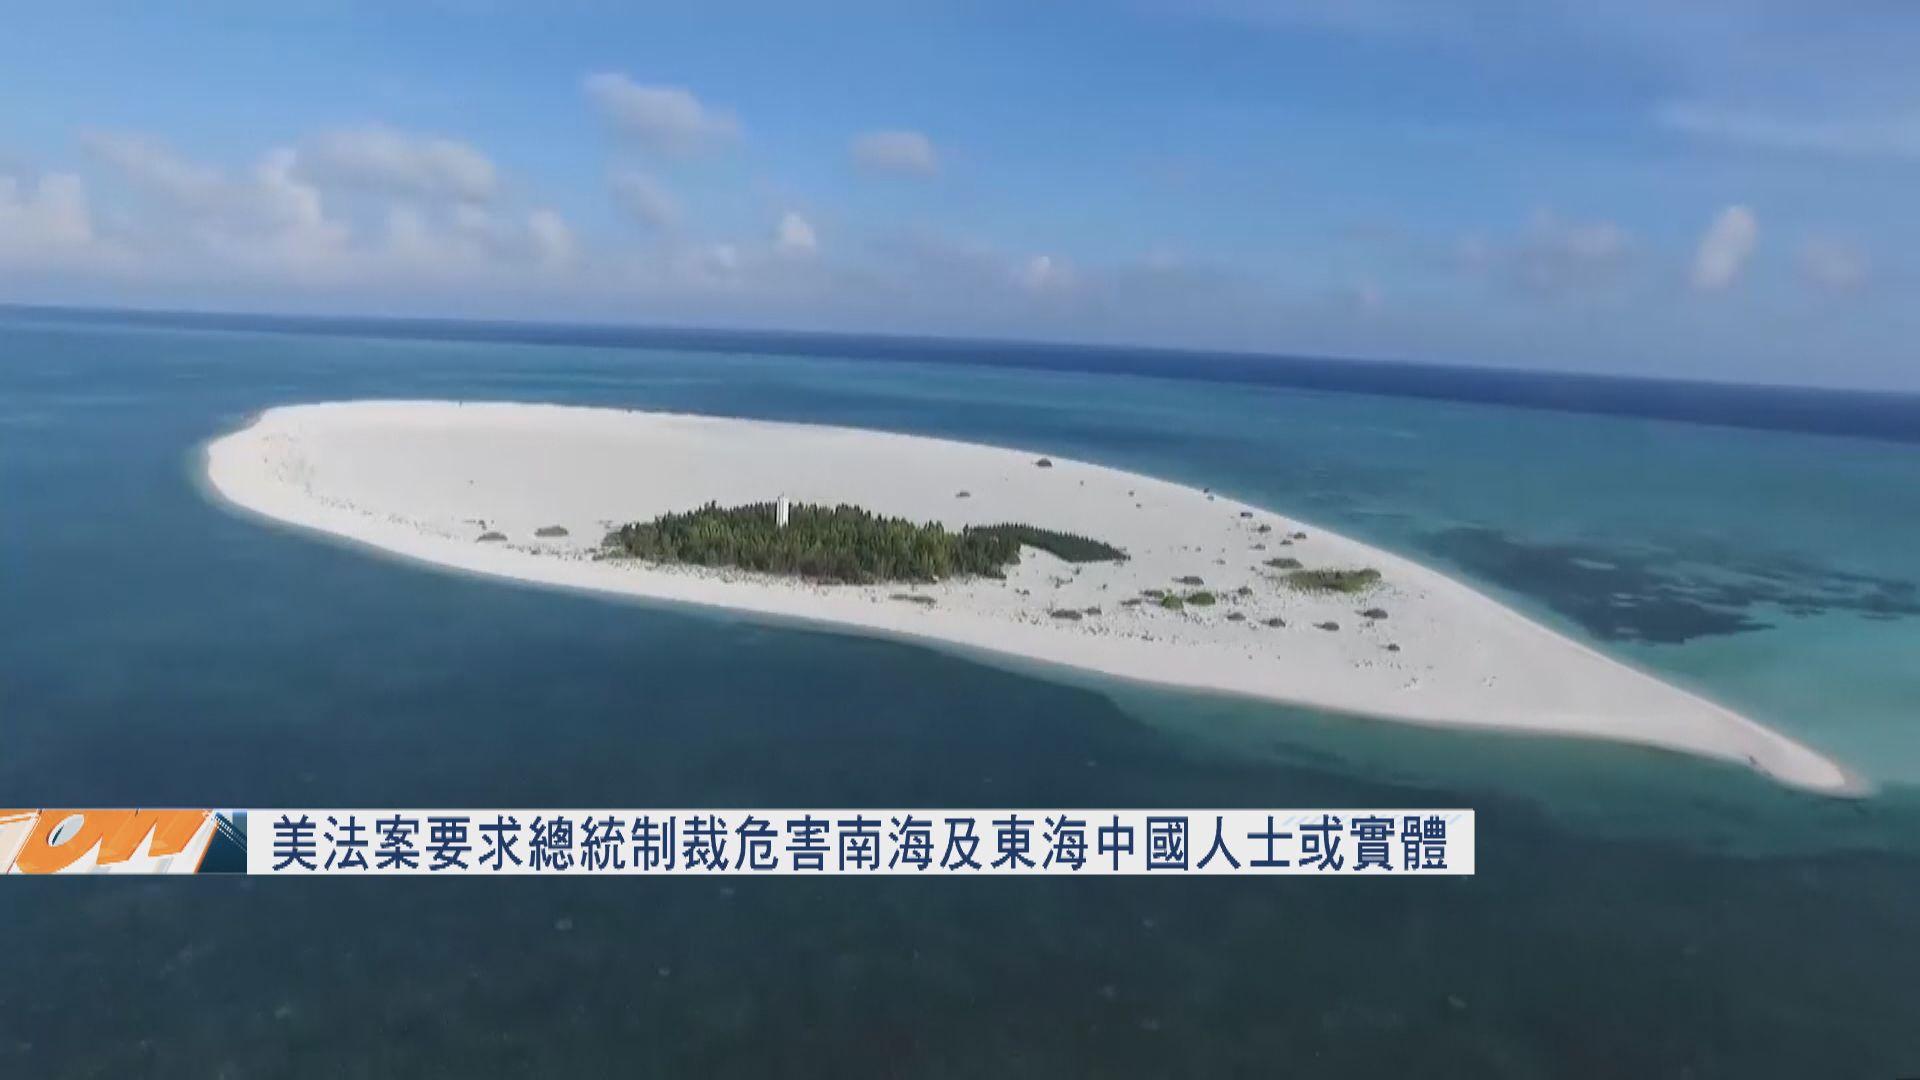 美法案要求總統制裁危害南海及東海中國人士或實體